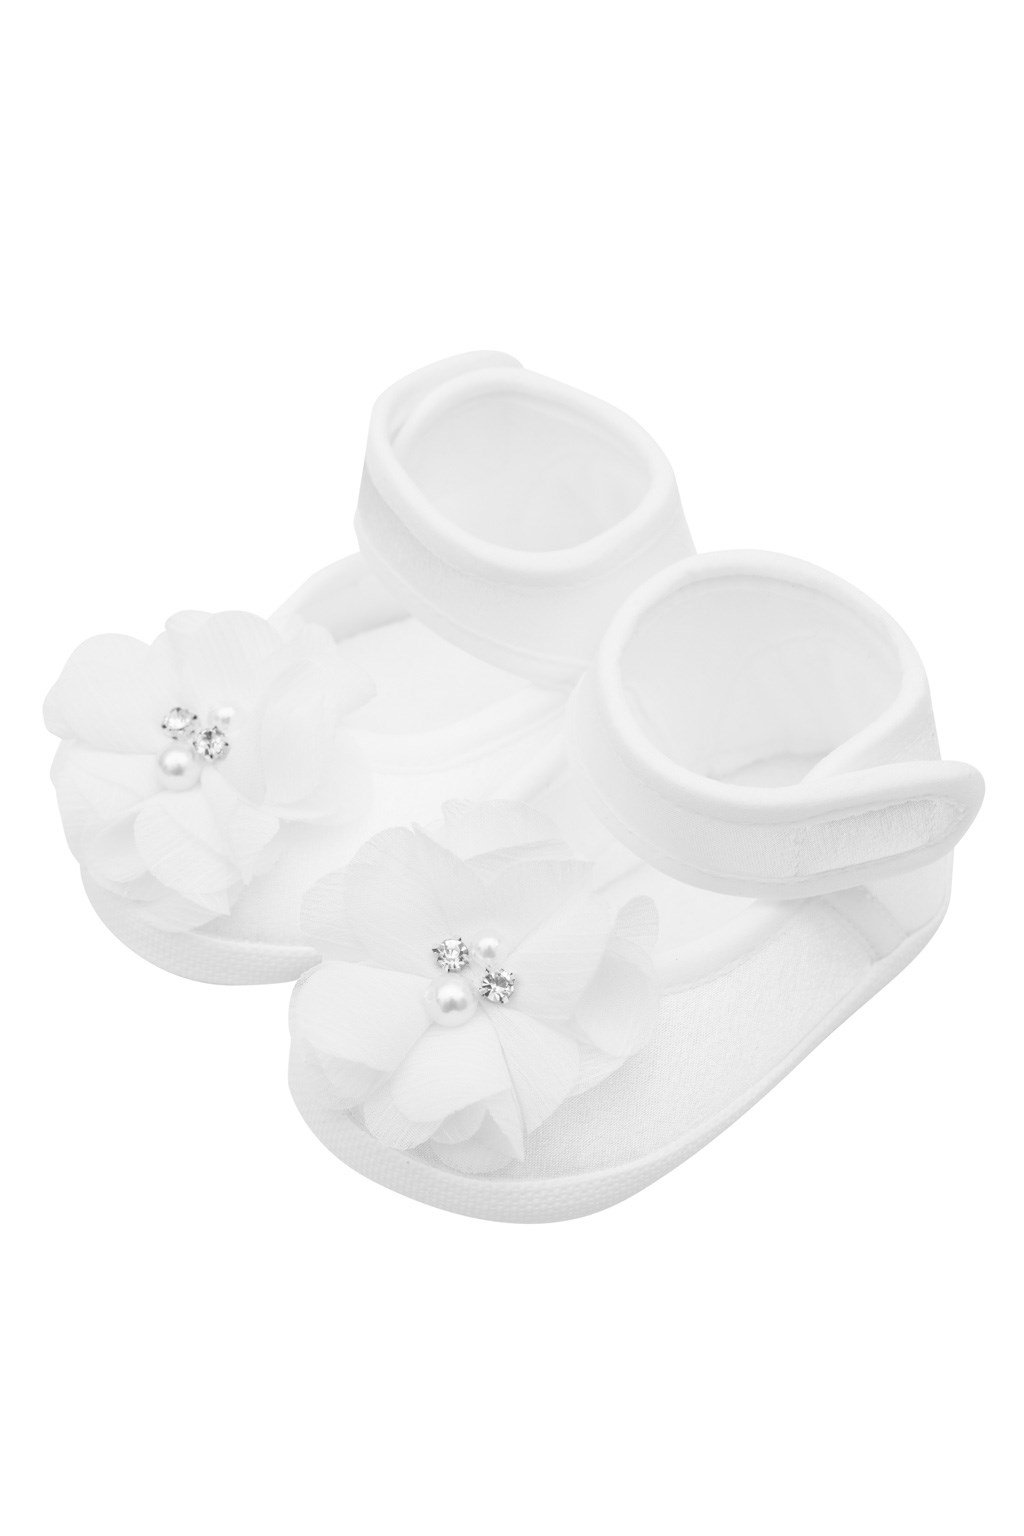 Dojčenské capačky New Baby saténové biele 0-3 m flower